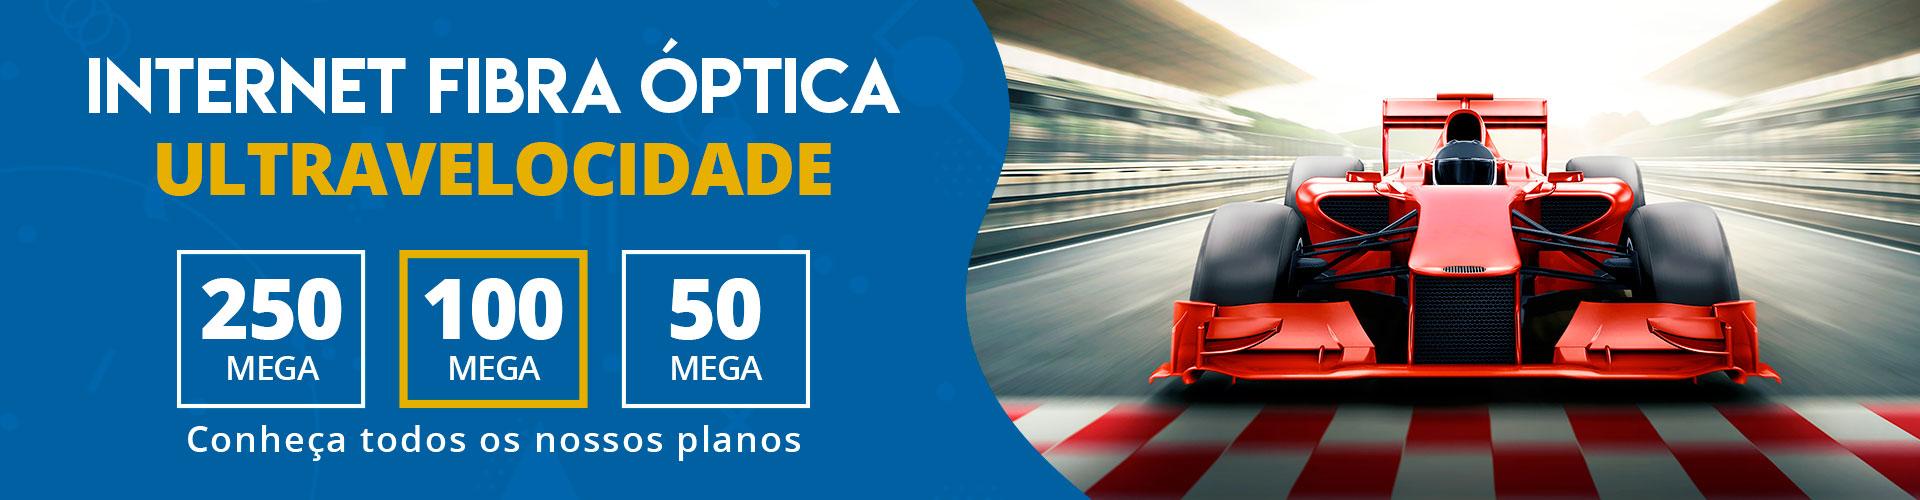 internet-fibra-optica-250-100-50-mega